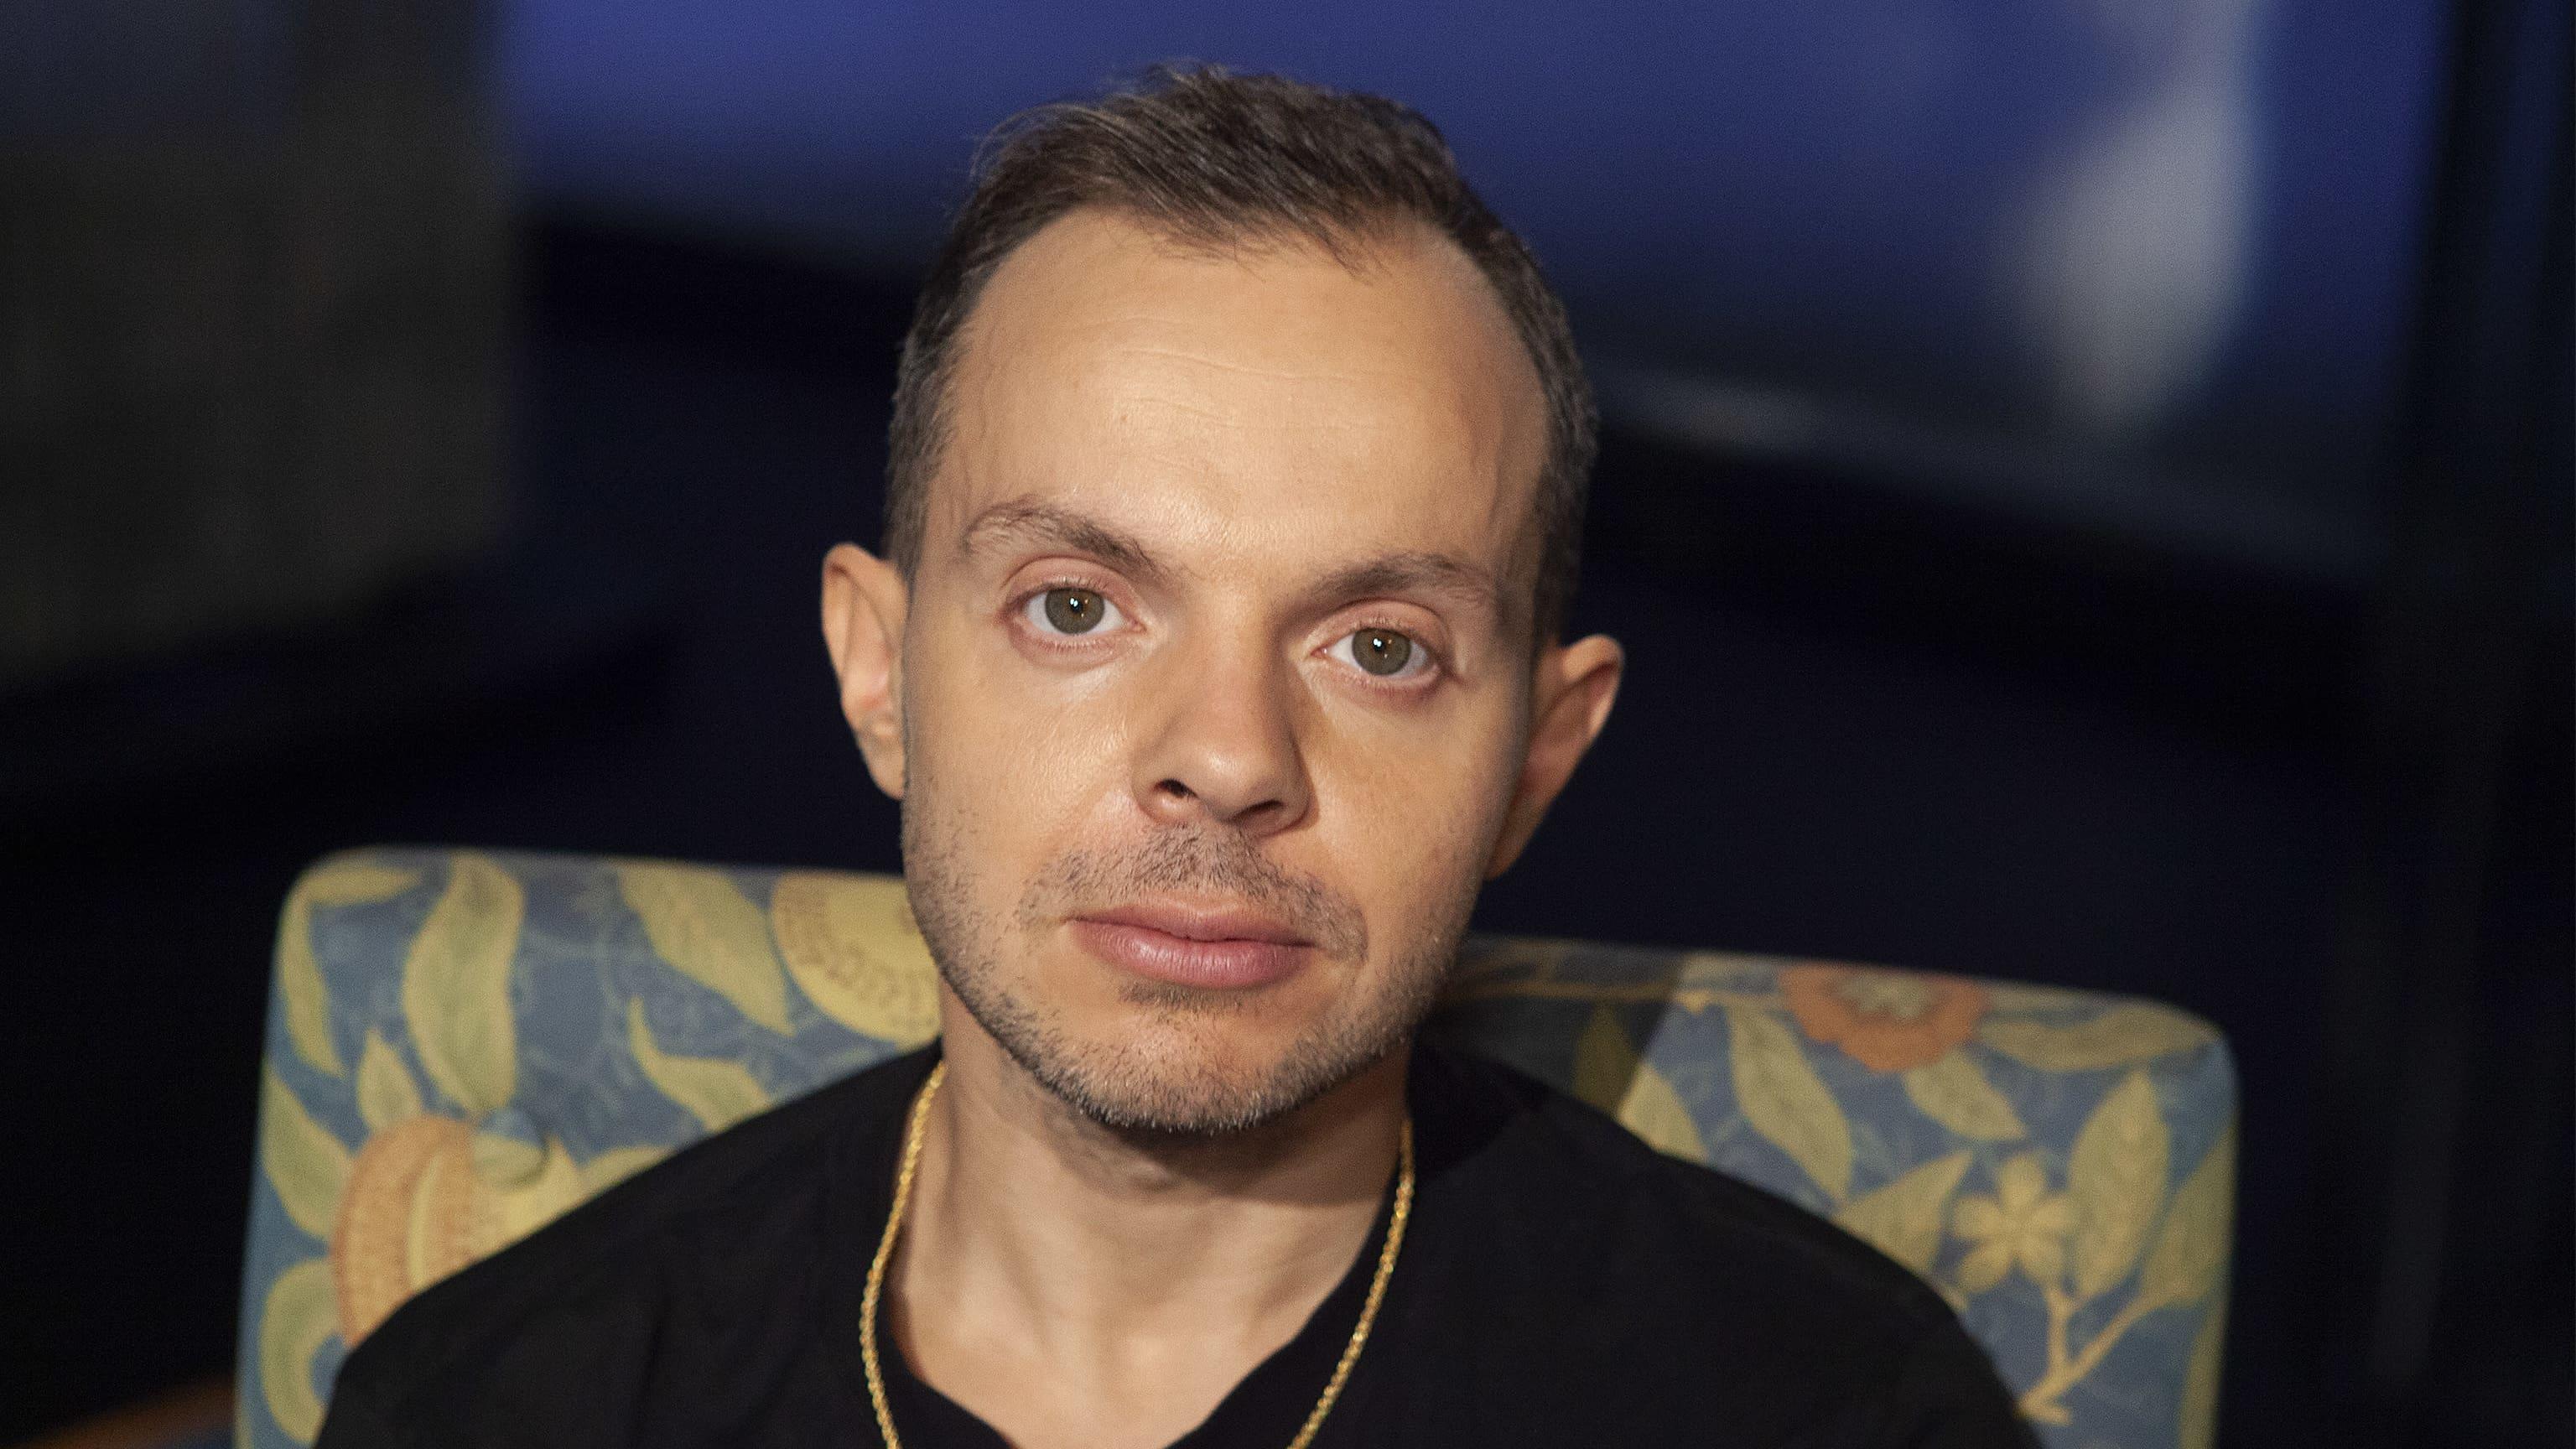 """Dan """"Uniikki"""" Tolppanen Ylen Mediapoliksen studiossa, Anne Flinkkilän haastattelussa kuvattuna."""